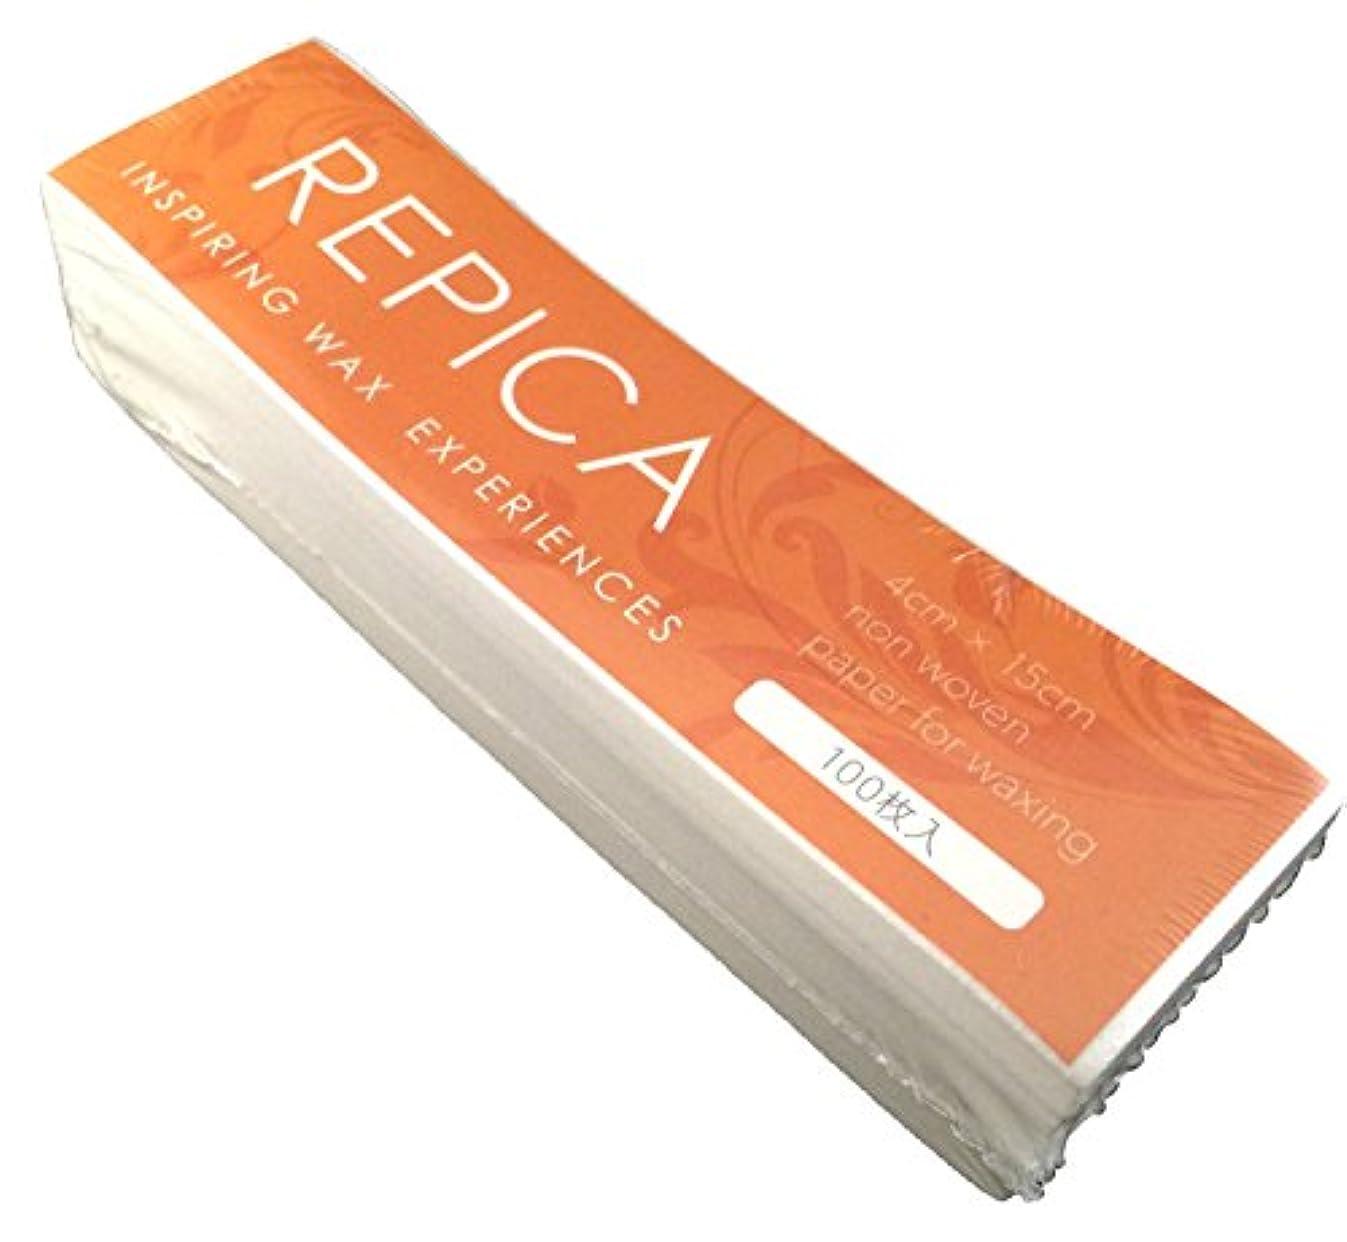 マイコン盆報いるREPICA ブラジリアンワックス脱毛 カットペーパー Sサイズ100枚入り×5個セット ワックス脱毛 ワックスシート ストリップシート